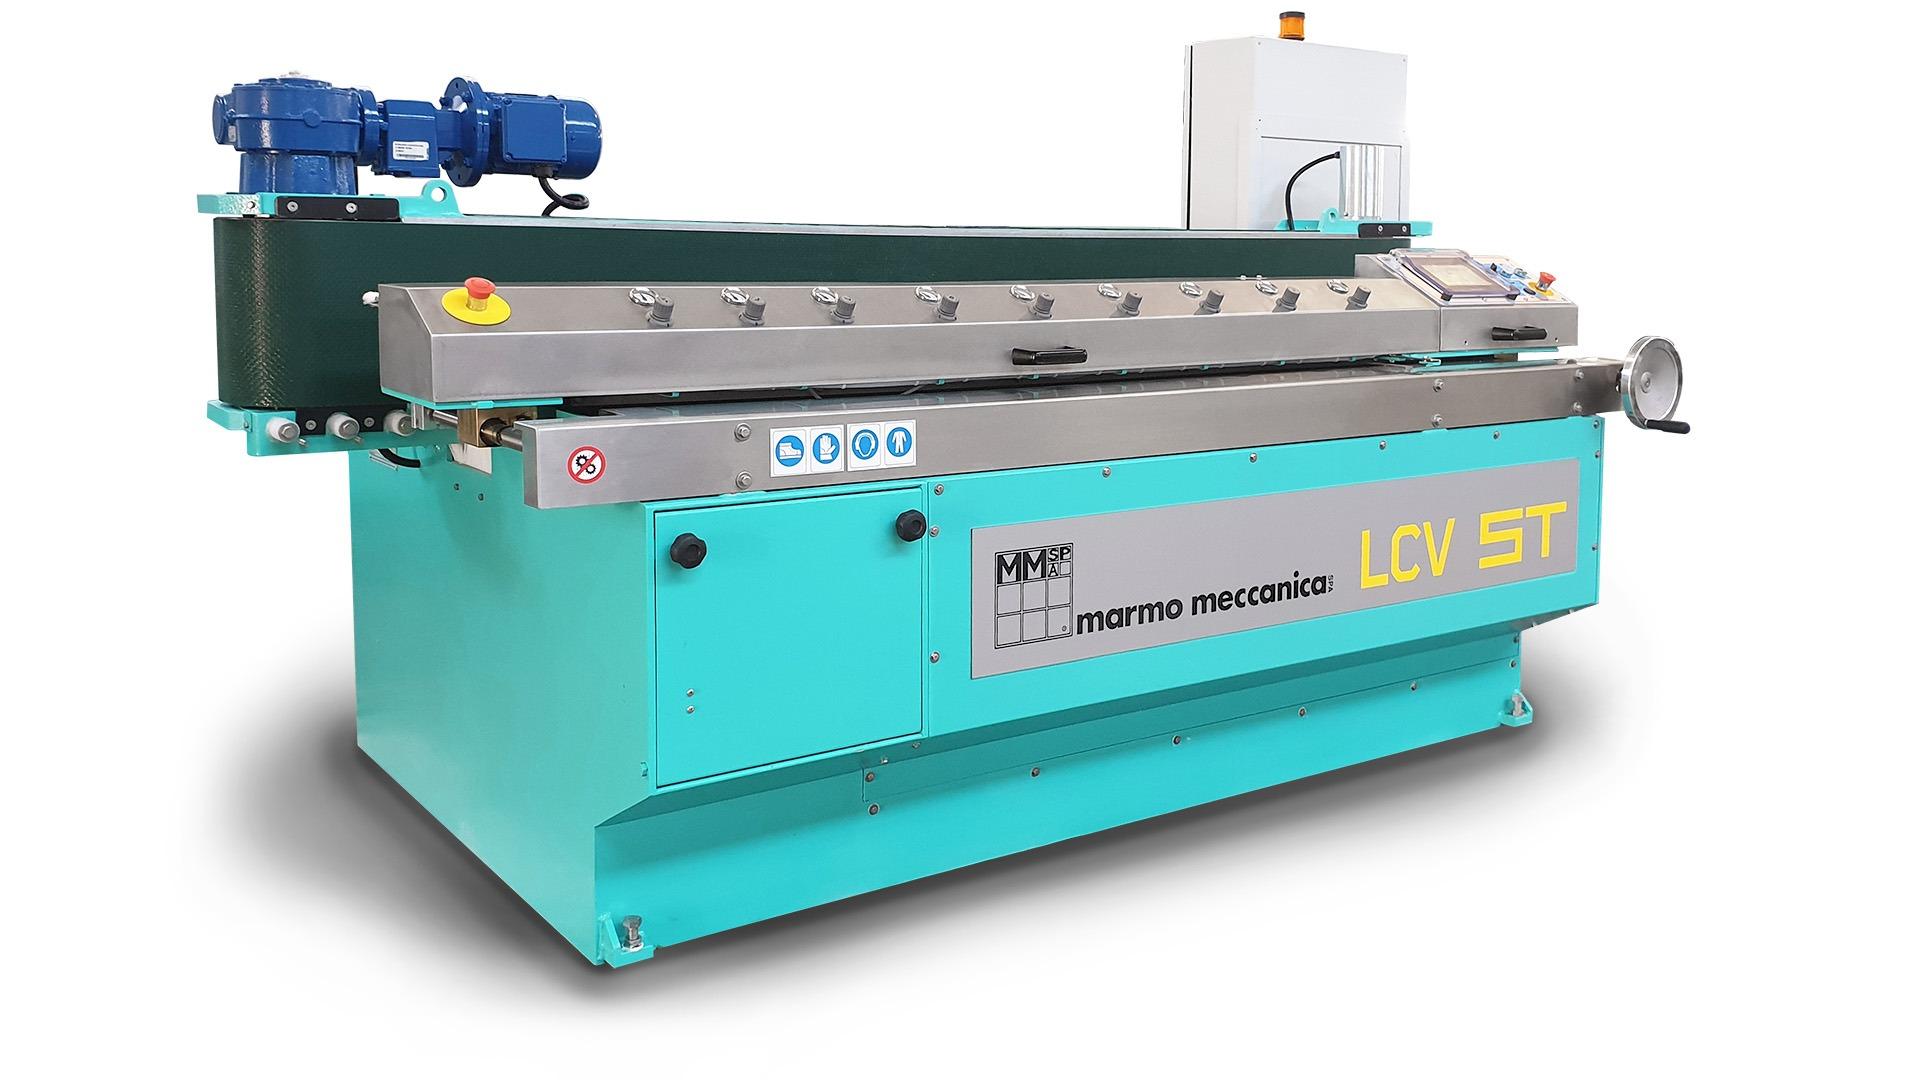 LCV-ST full